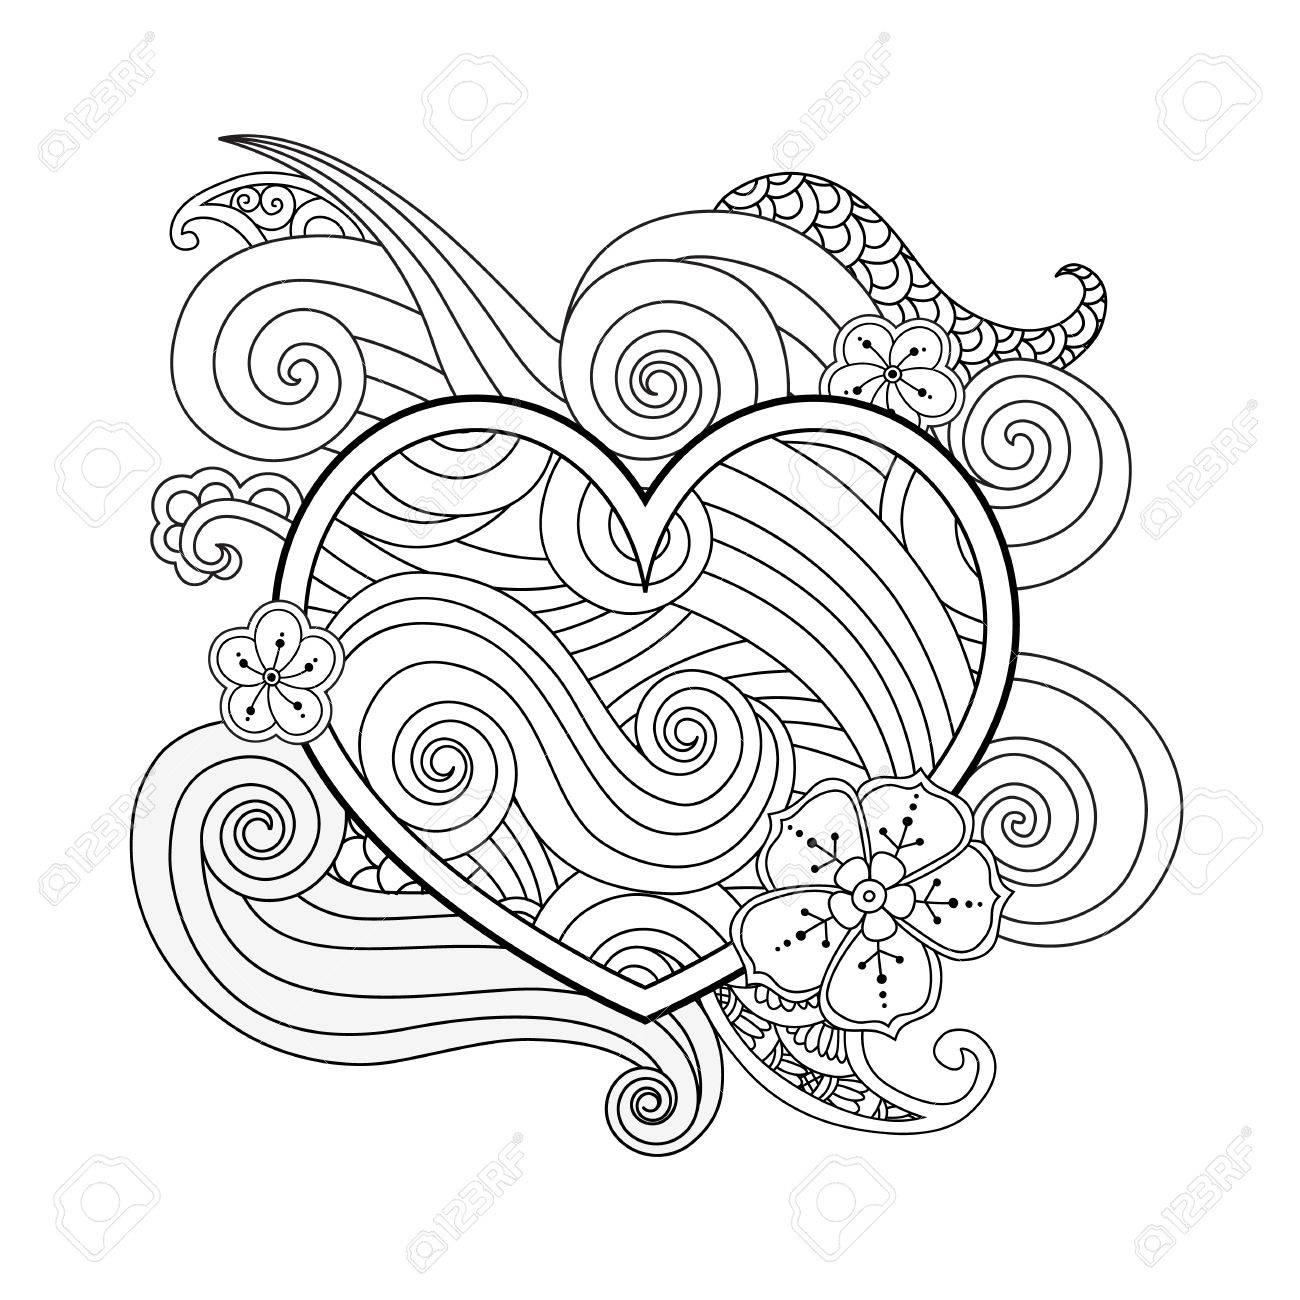 Dibujo Para Colorear Con El Corazón Y El Elemento Abstracto Aislado ...